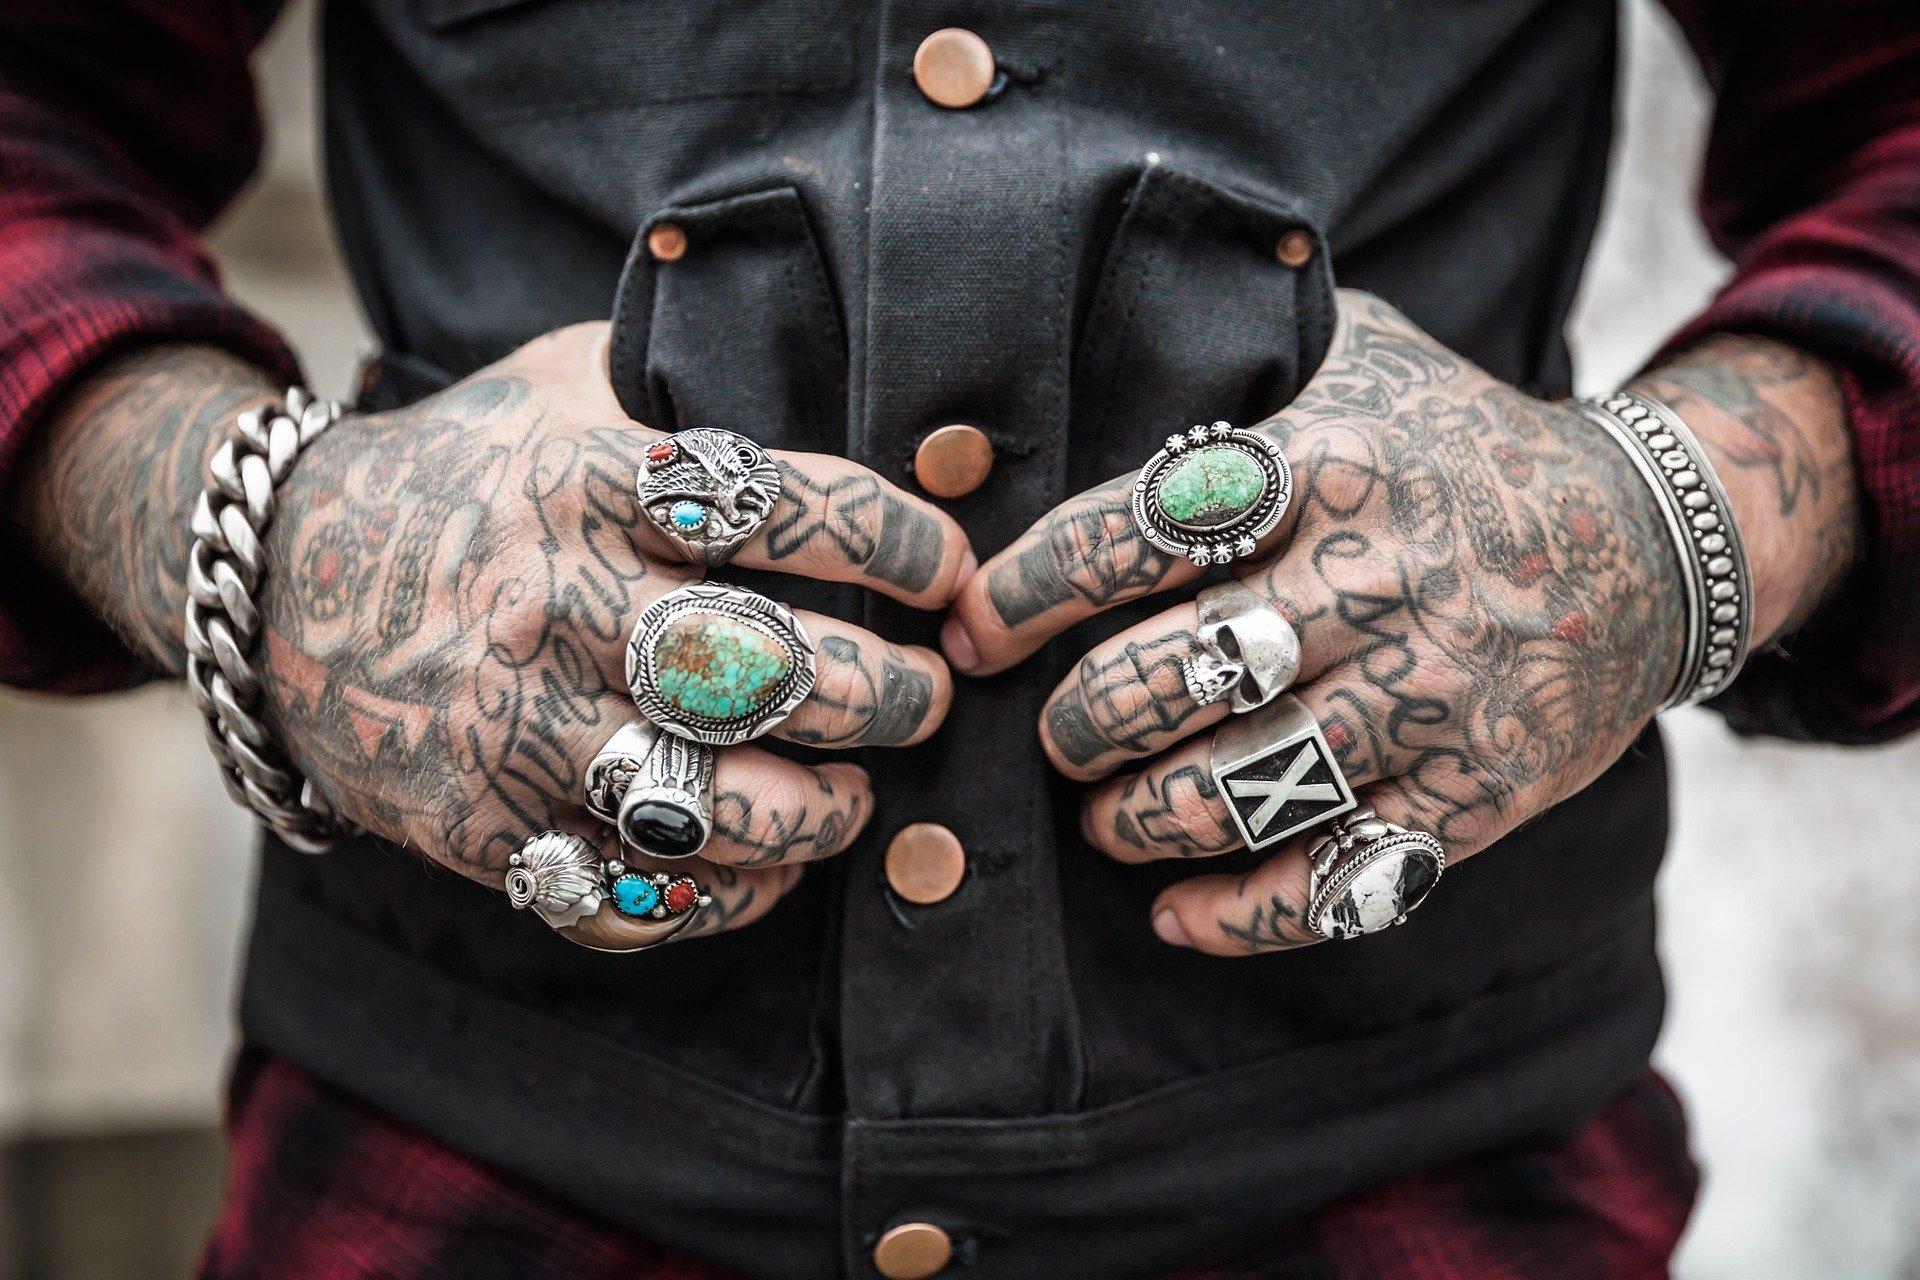 Entretien tatouage : comment prendre soin d'un tattoo